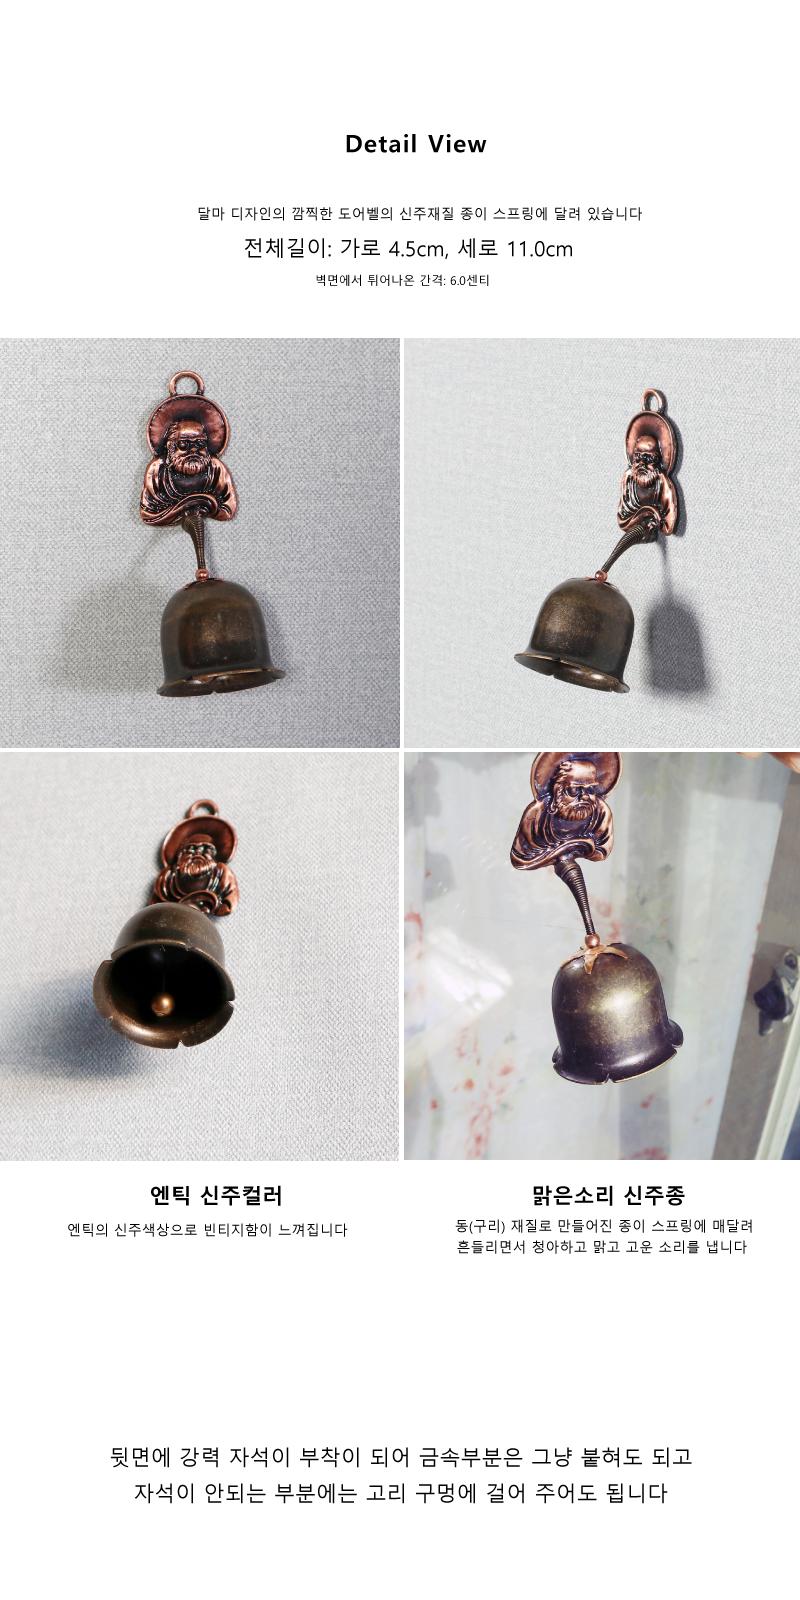 엔틱메탈 달마 스프링 문종 도어벨 - 크레디스, 7,500원, 장식소품, 도어벨